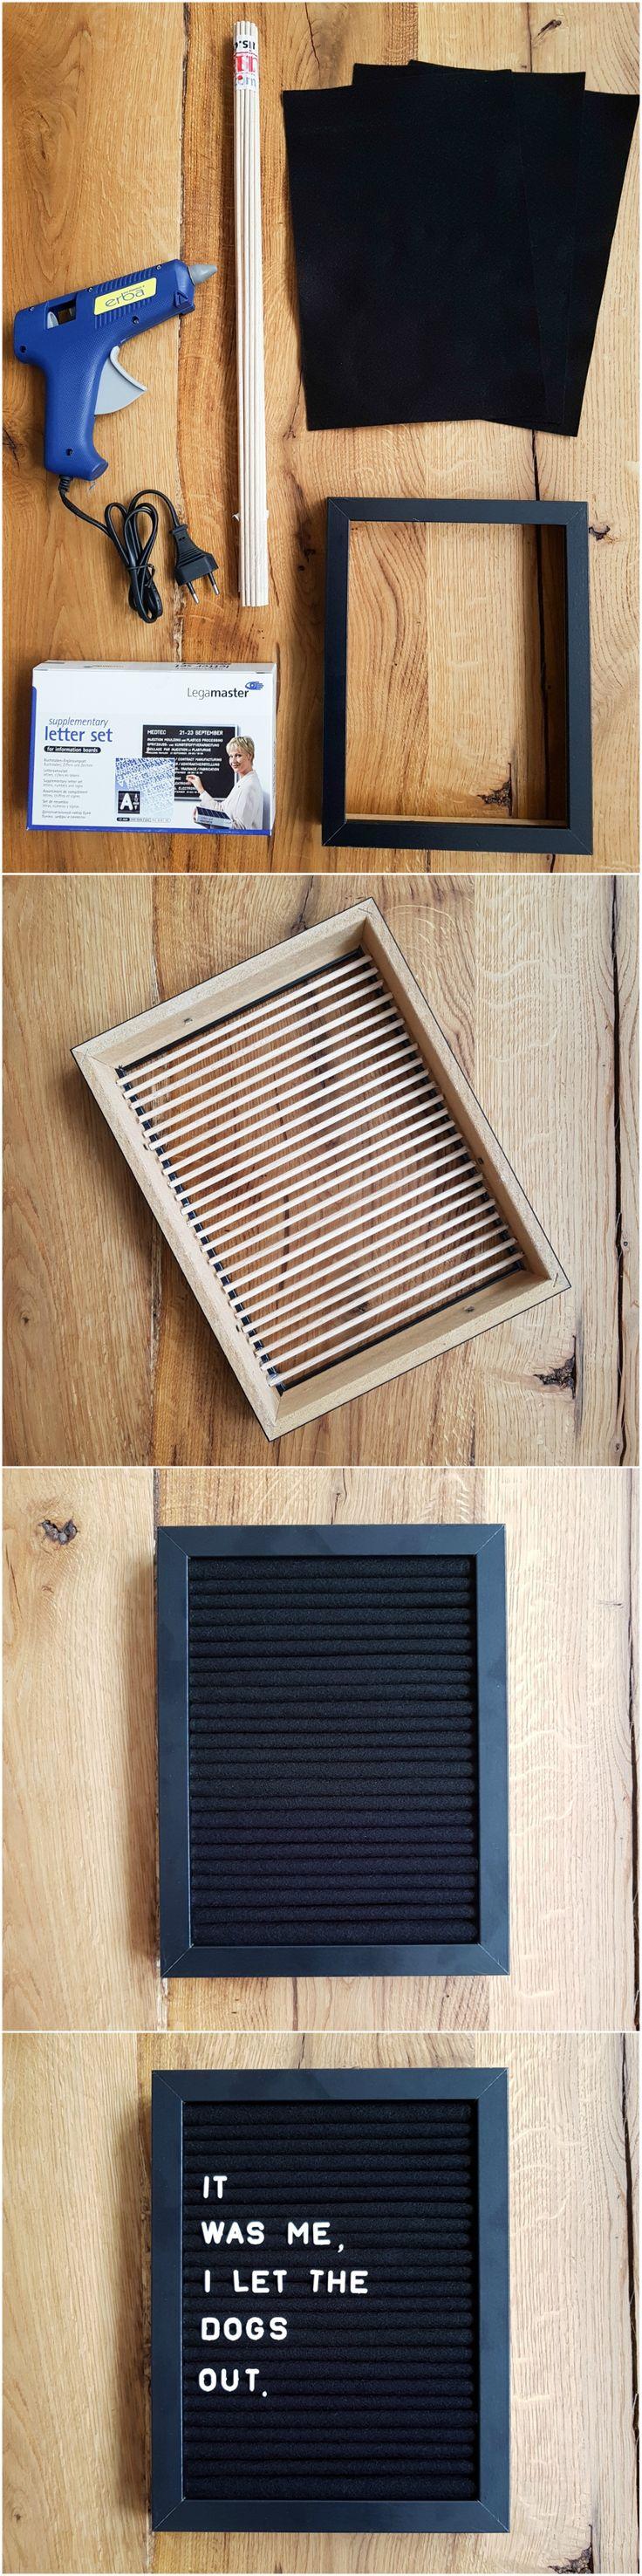 DIY Letterboard Tutorial   Wohnprojekt Blog